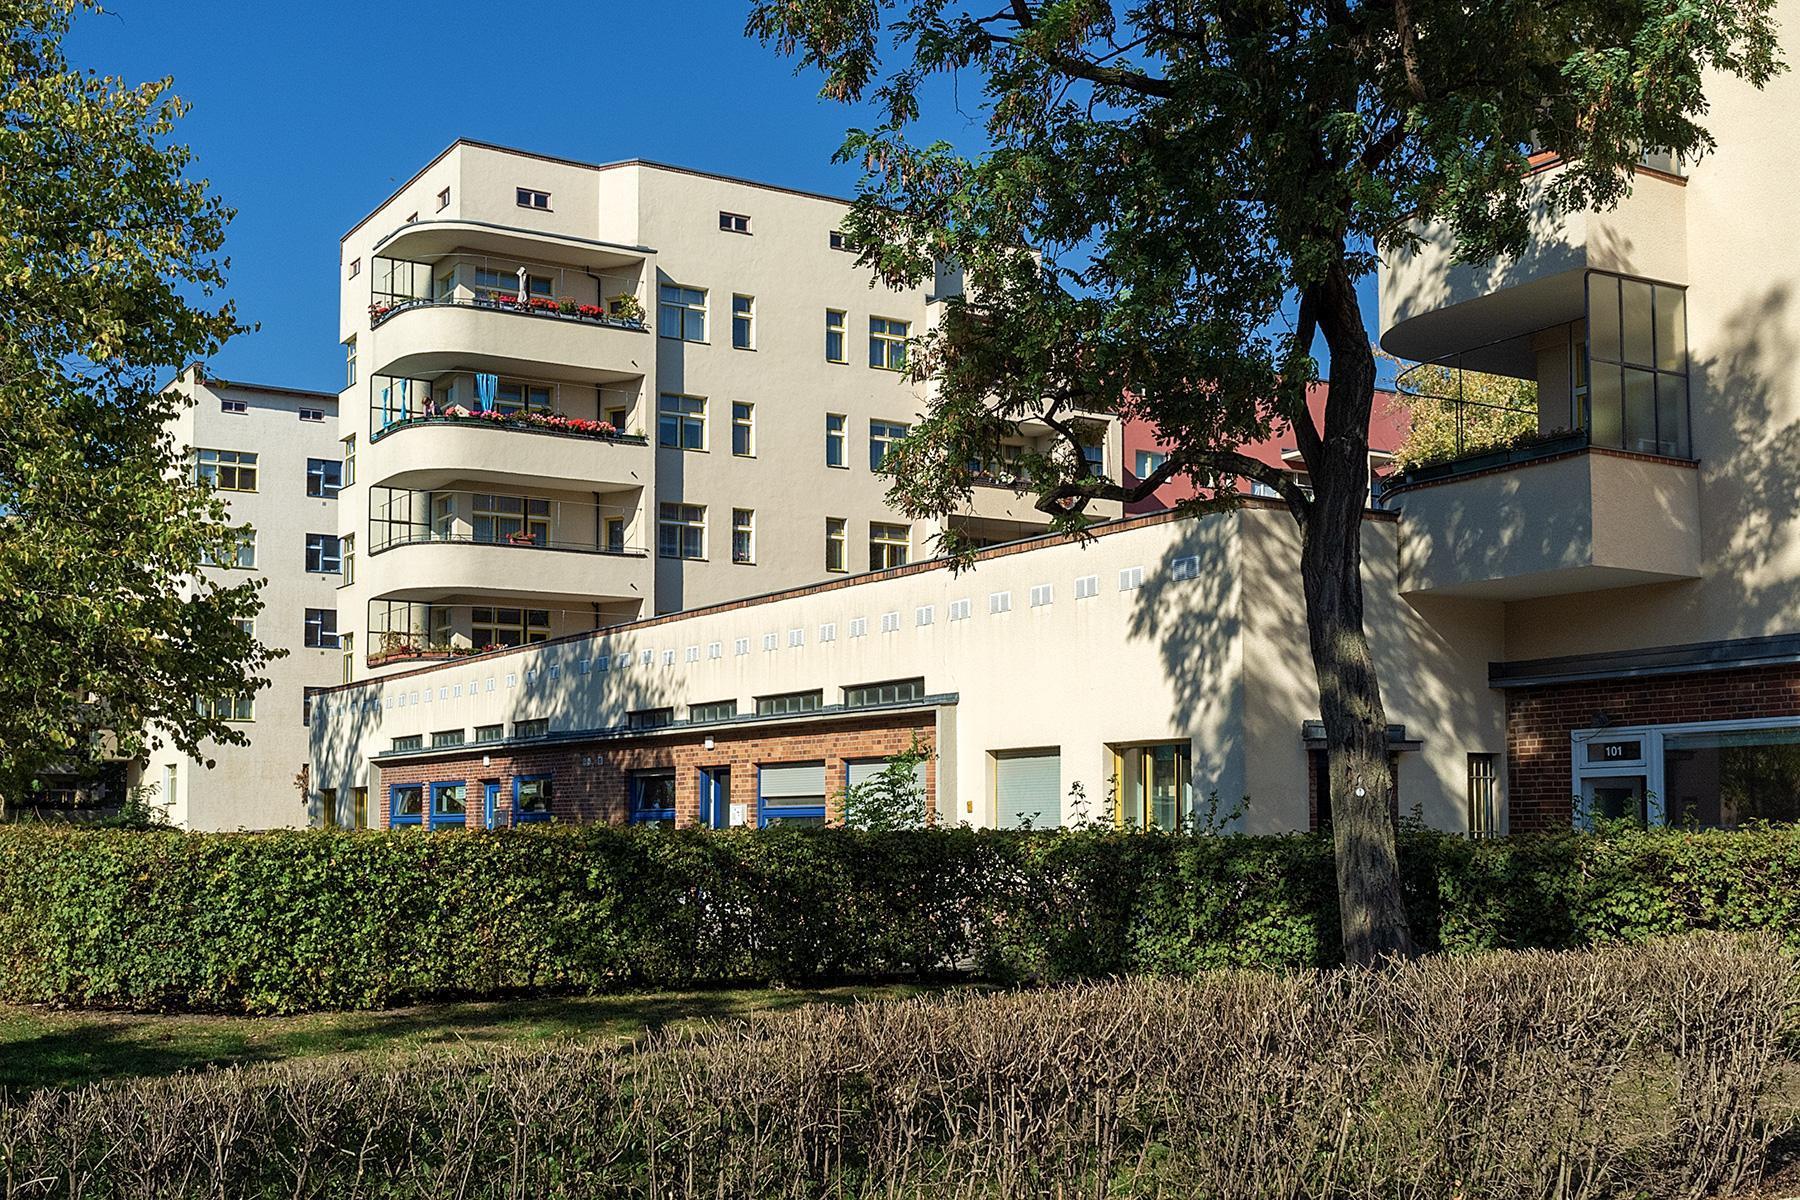 Wohnblöcke mit Balkonen der Siedlung des UNESCO Welterbes